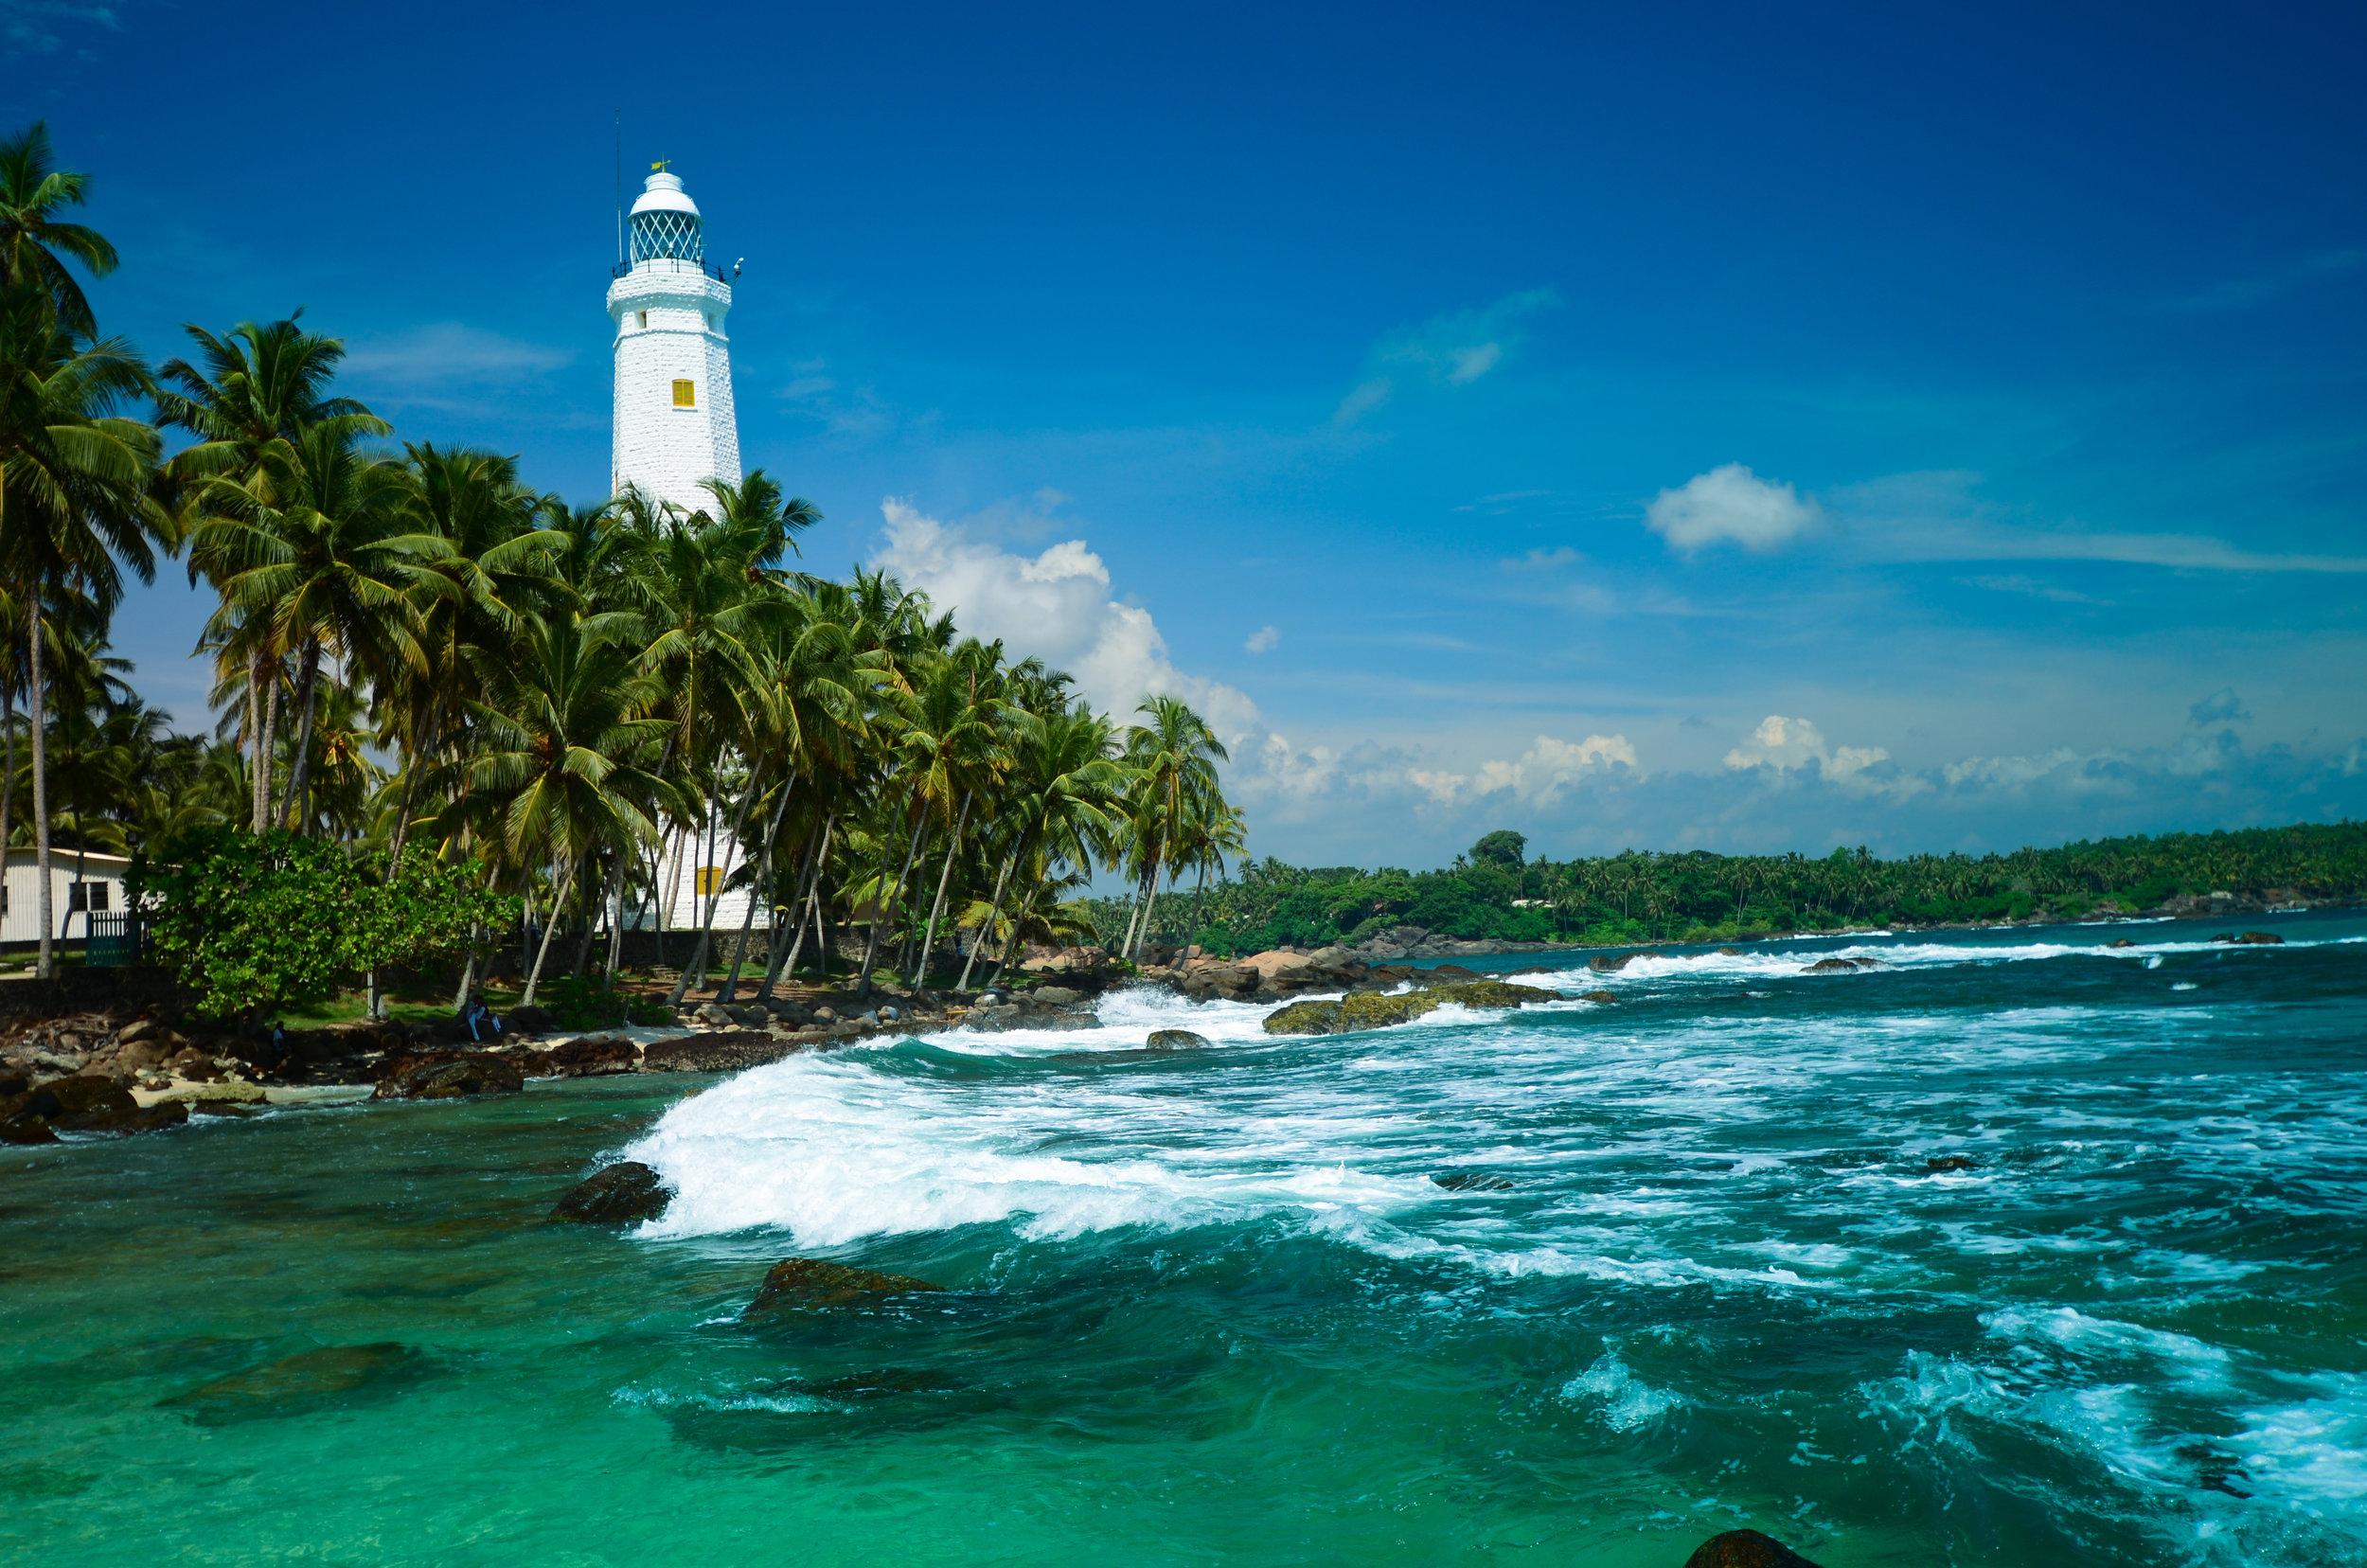 Sri Lanka... paradisiske sandstrender og krystallklart vann, majestetiske fjell, høye fossefall, frodige te-plantasjene, templer, eksotisk regnskog, elefanter på veiene...